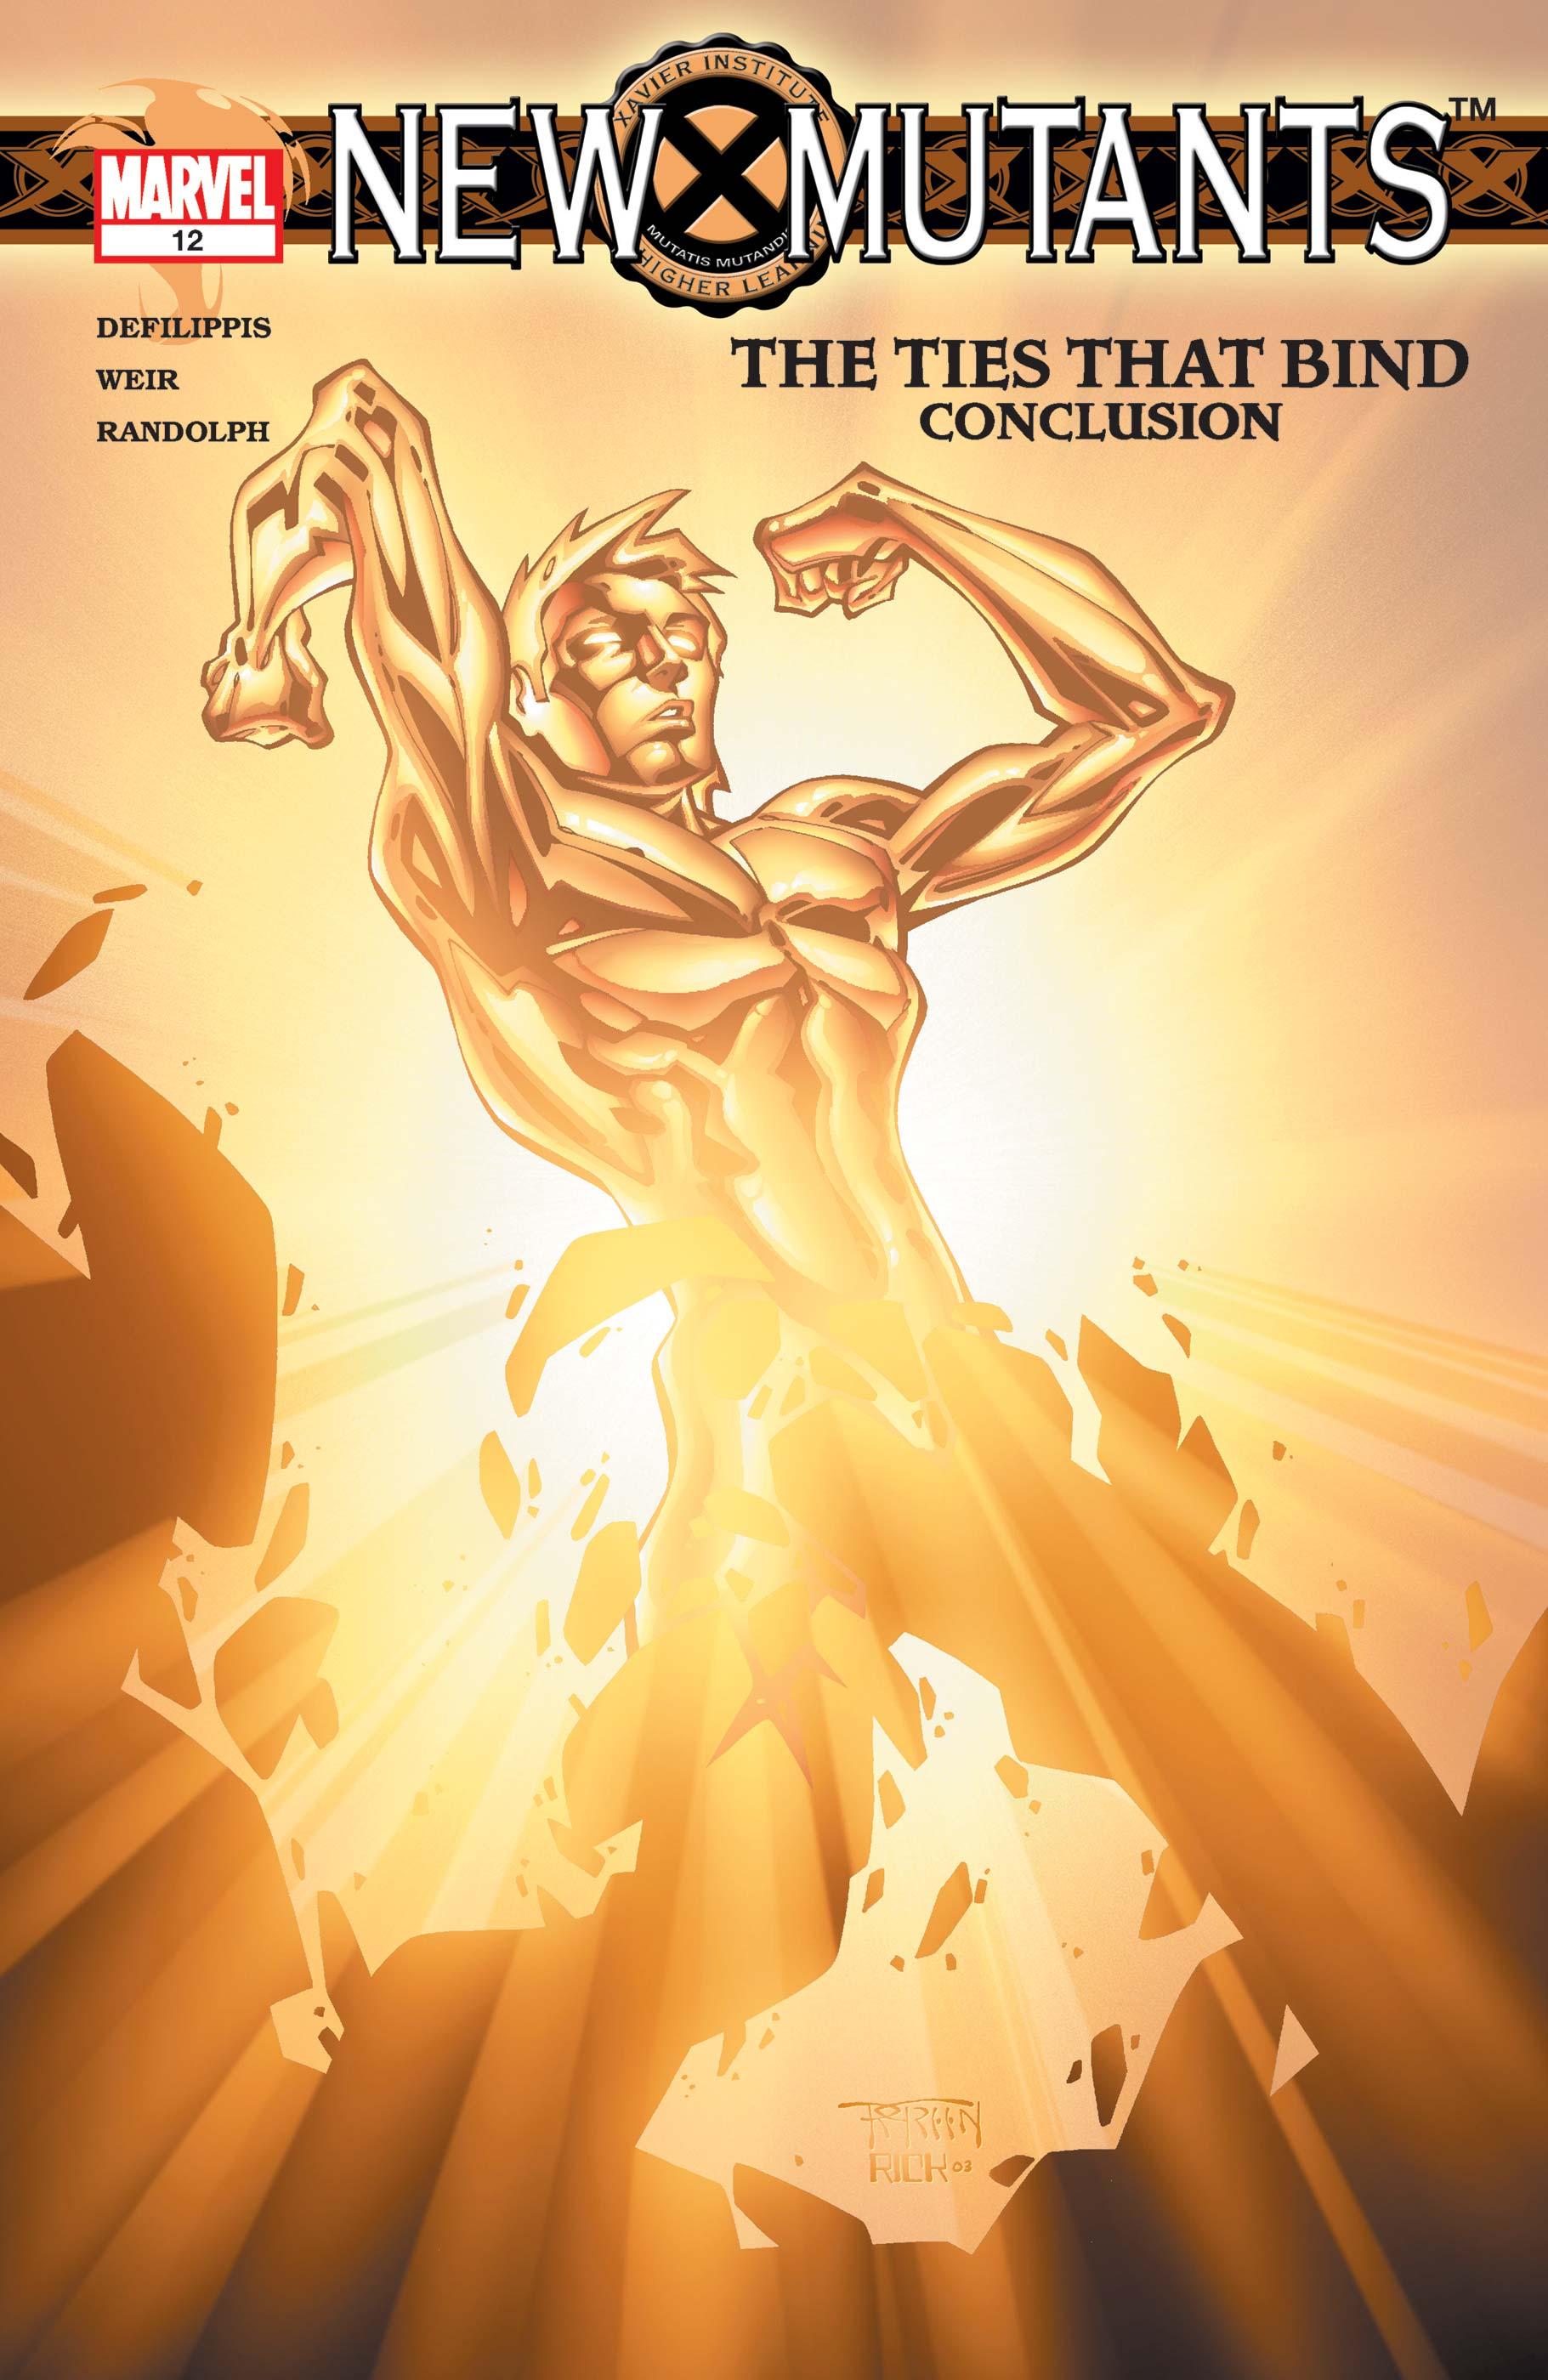 New Mutants (2003) #12